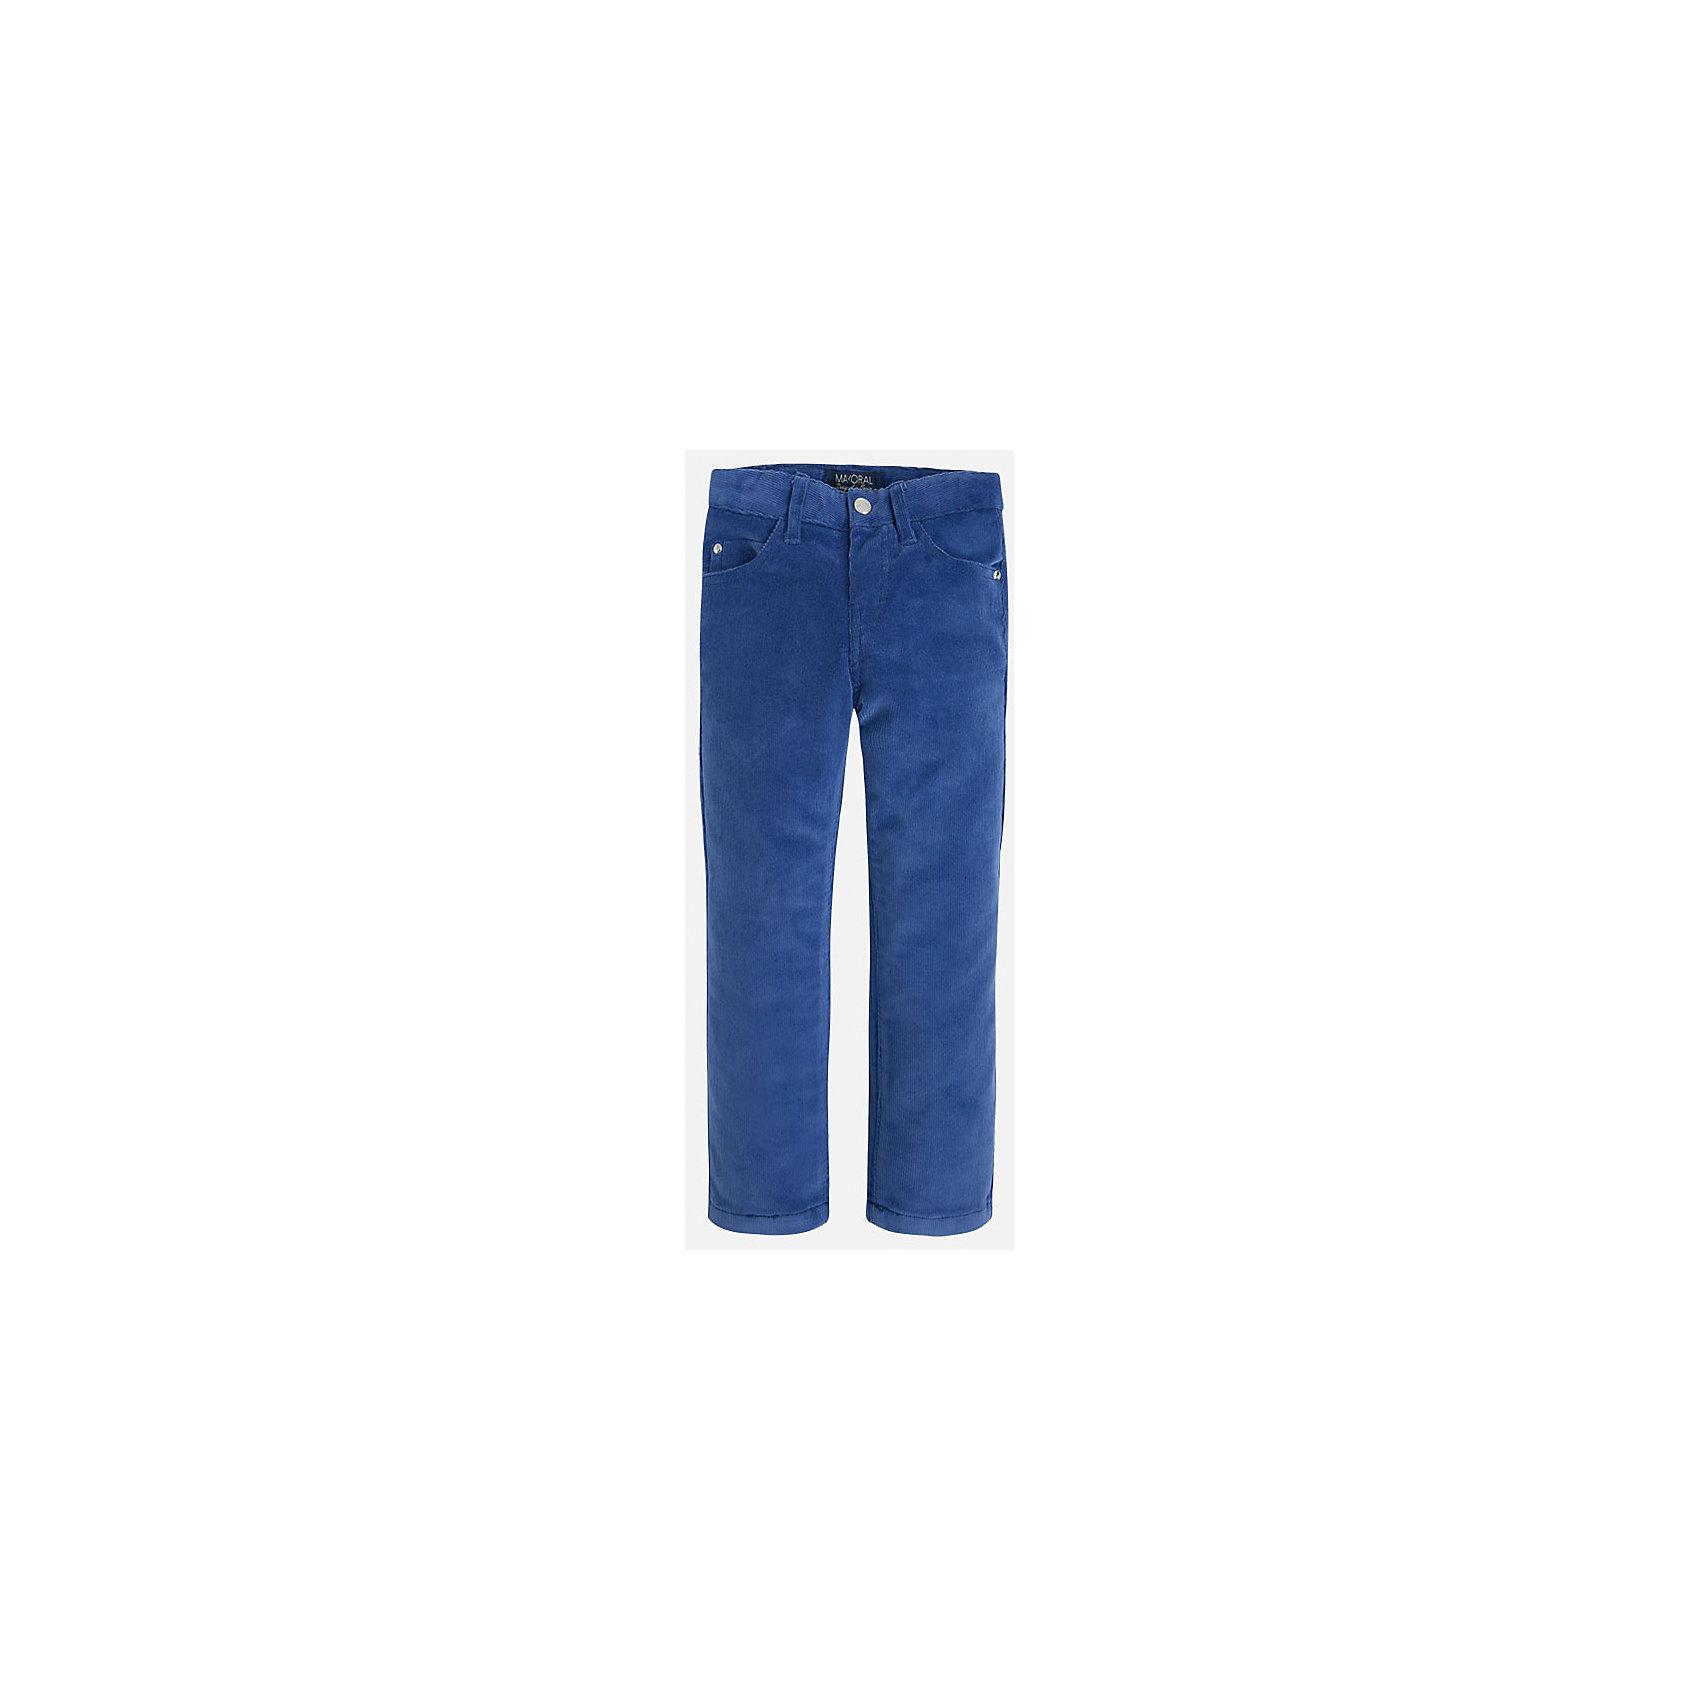 Брюки для мальчика MayoralБрюки<br>Вельветовые брюки для мальчика от известного испанского бренда Mayoral(Майорал). Брюки с удобной регулируемой талией имеют по 2 кармана спереди и сзади. Эти брюки прекрасно впишутся в гардероб ребенка!<br><br>Дополнительная информация:<br>Состав: 72% хлопок, 26% полиэстер, 2% эластан<br>Цвет: синий<br>Вы можете купить брюки для мальчика Mayoral(Майорал) в нашем интернет-магазине.<br><br>Ширина мм: 215<br>Глубина мм: 88<br>Высота мм: 191<br>Вес г: 336<br>Цвет: фиолетовый<br>Возраст от месяцев: 24<br>Возраст до месяцев: 36<br>Пол: Мужской<br>Возраст: Детский<br>Размер: 98,116,122,128,134,104,110<br>SKU: 4821200